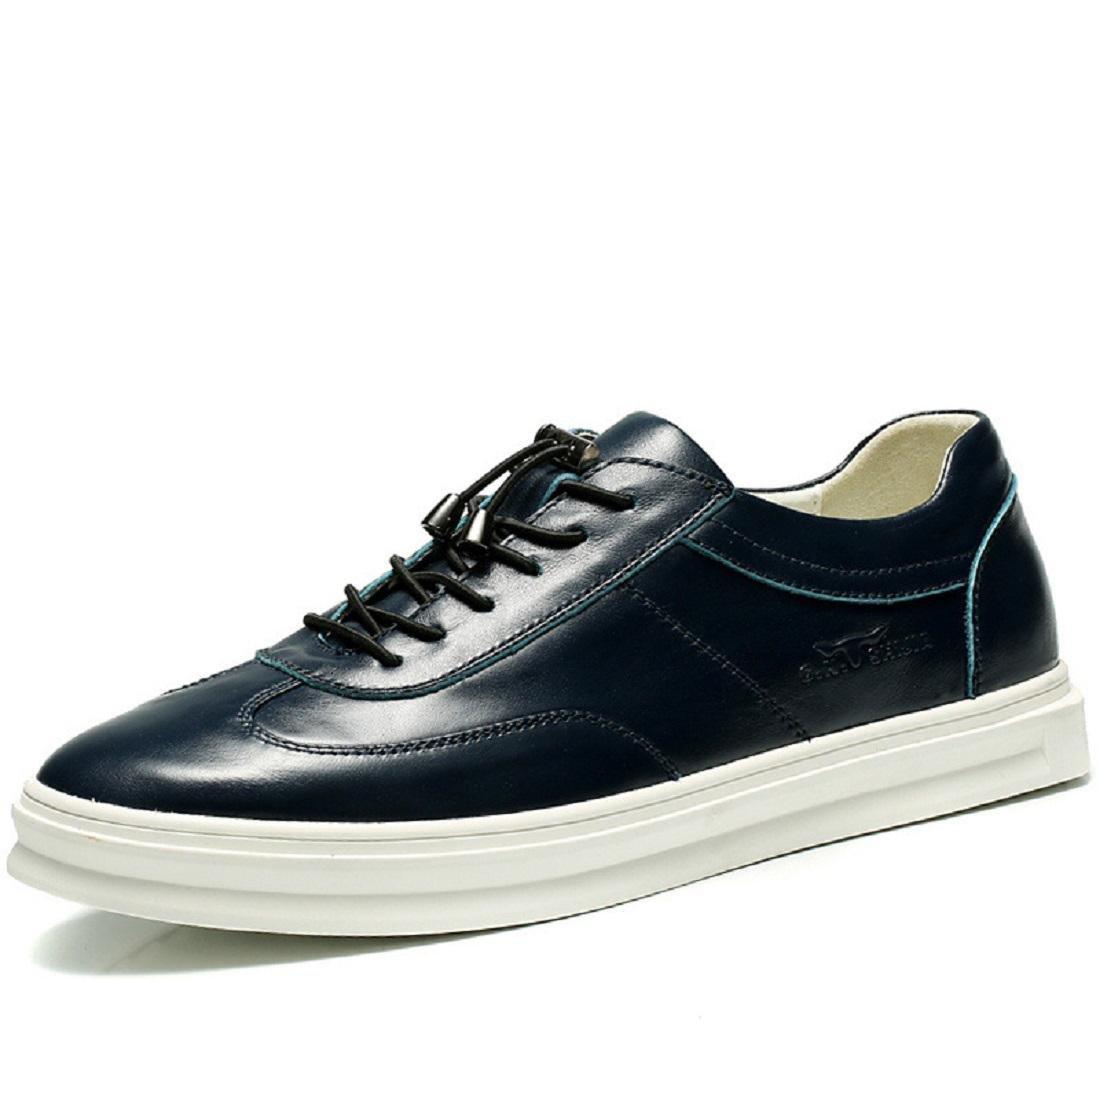 Herren Lederschuhe Lässige Schuhe Atmungsaktiv Freizeitschuhe Mode Flache Schuhe Schuhe erhöhen EUR GRÖSSE 38-44